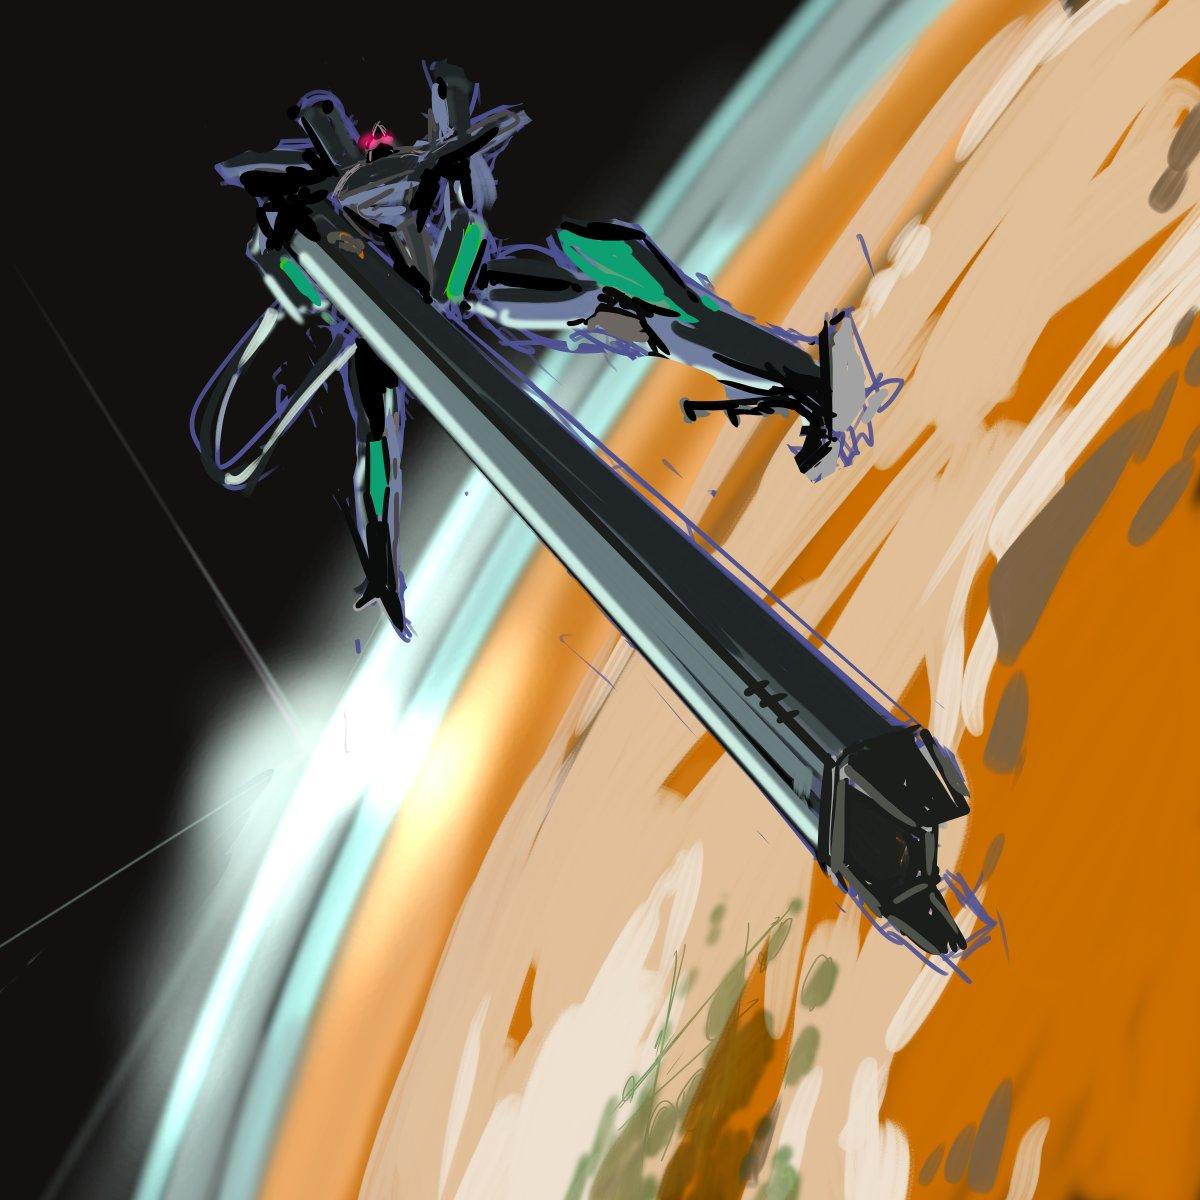 いろいろ楽しく弄り回したもののやはり衛星軌道の高さからくる足元おぼつかないタマヒュン感覚をかっこよさに消化できてるのはこのシンプルな絵面よね